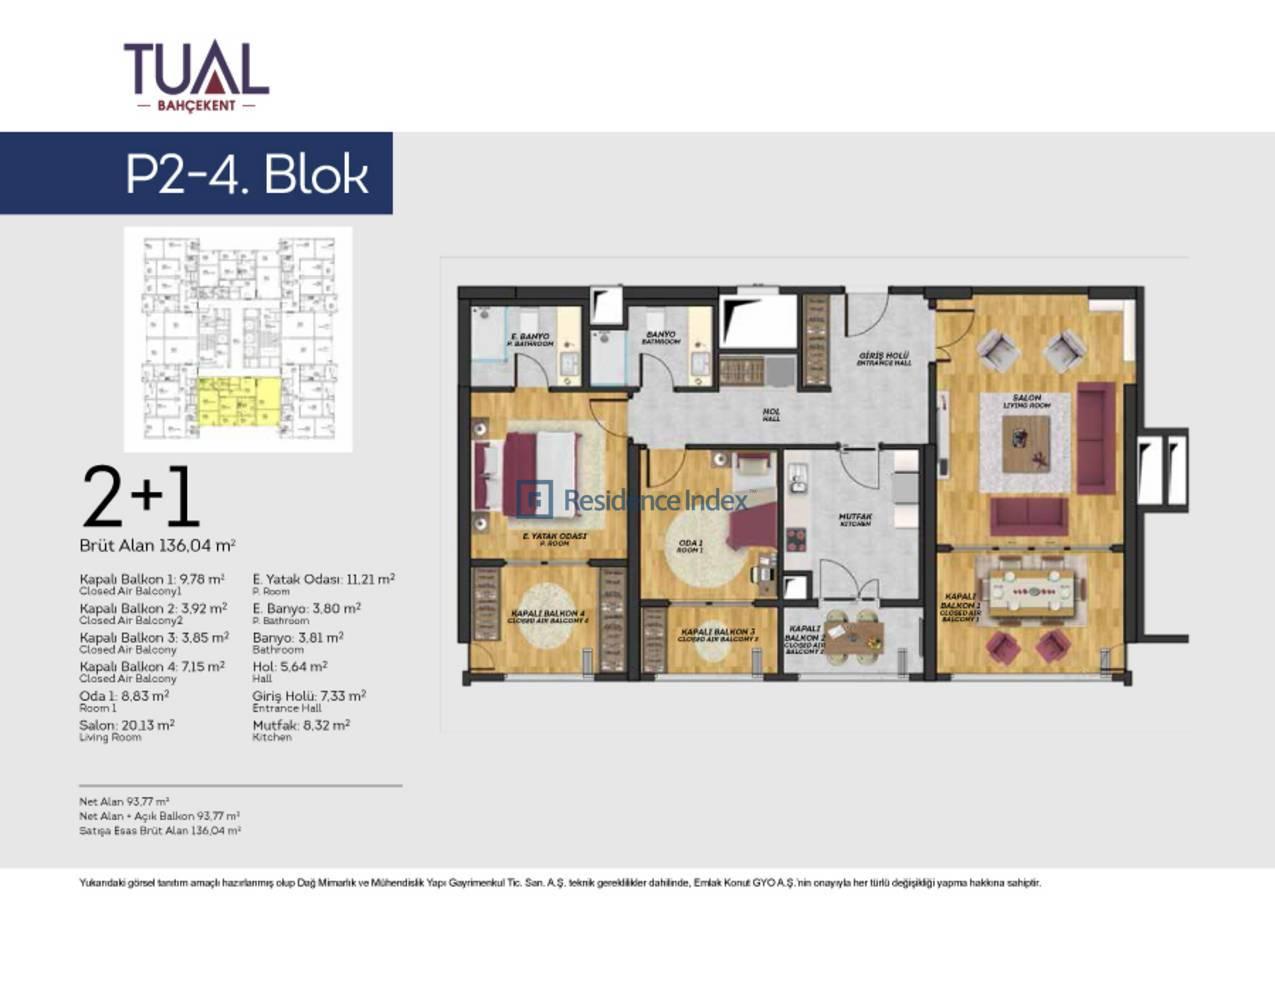 Tual Bahçekent P2-4 Blok